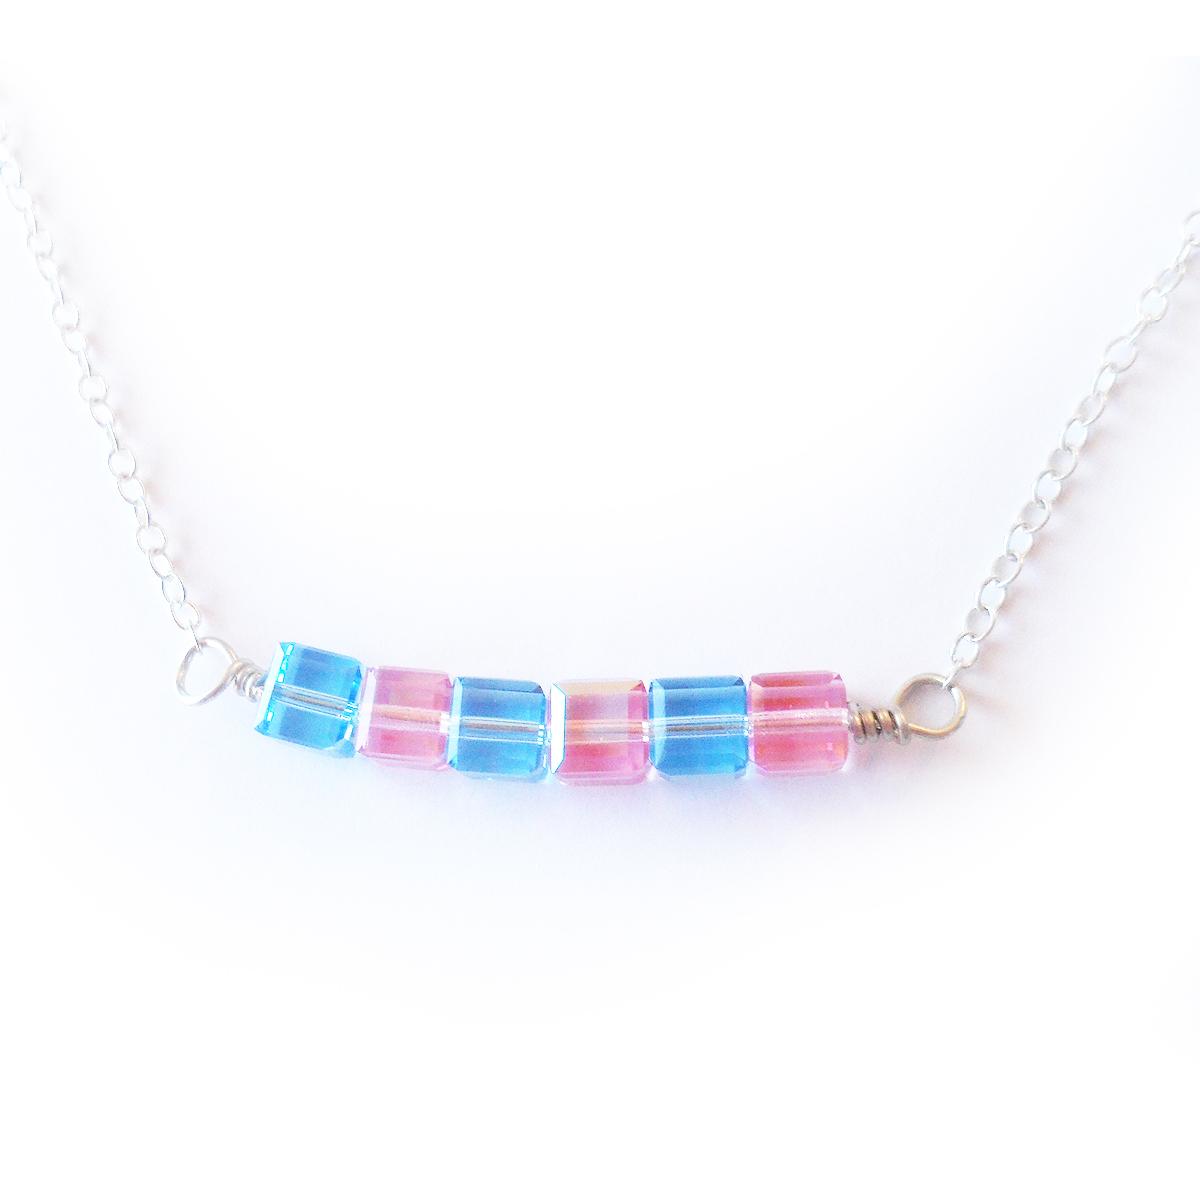 collar-vanessa-en-cubos-de-cristales-de-swarovski-rosa-y-azul-3